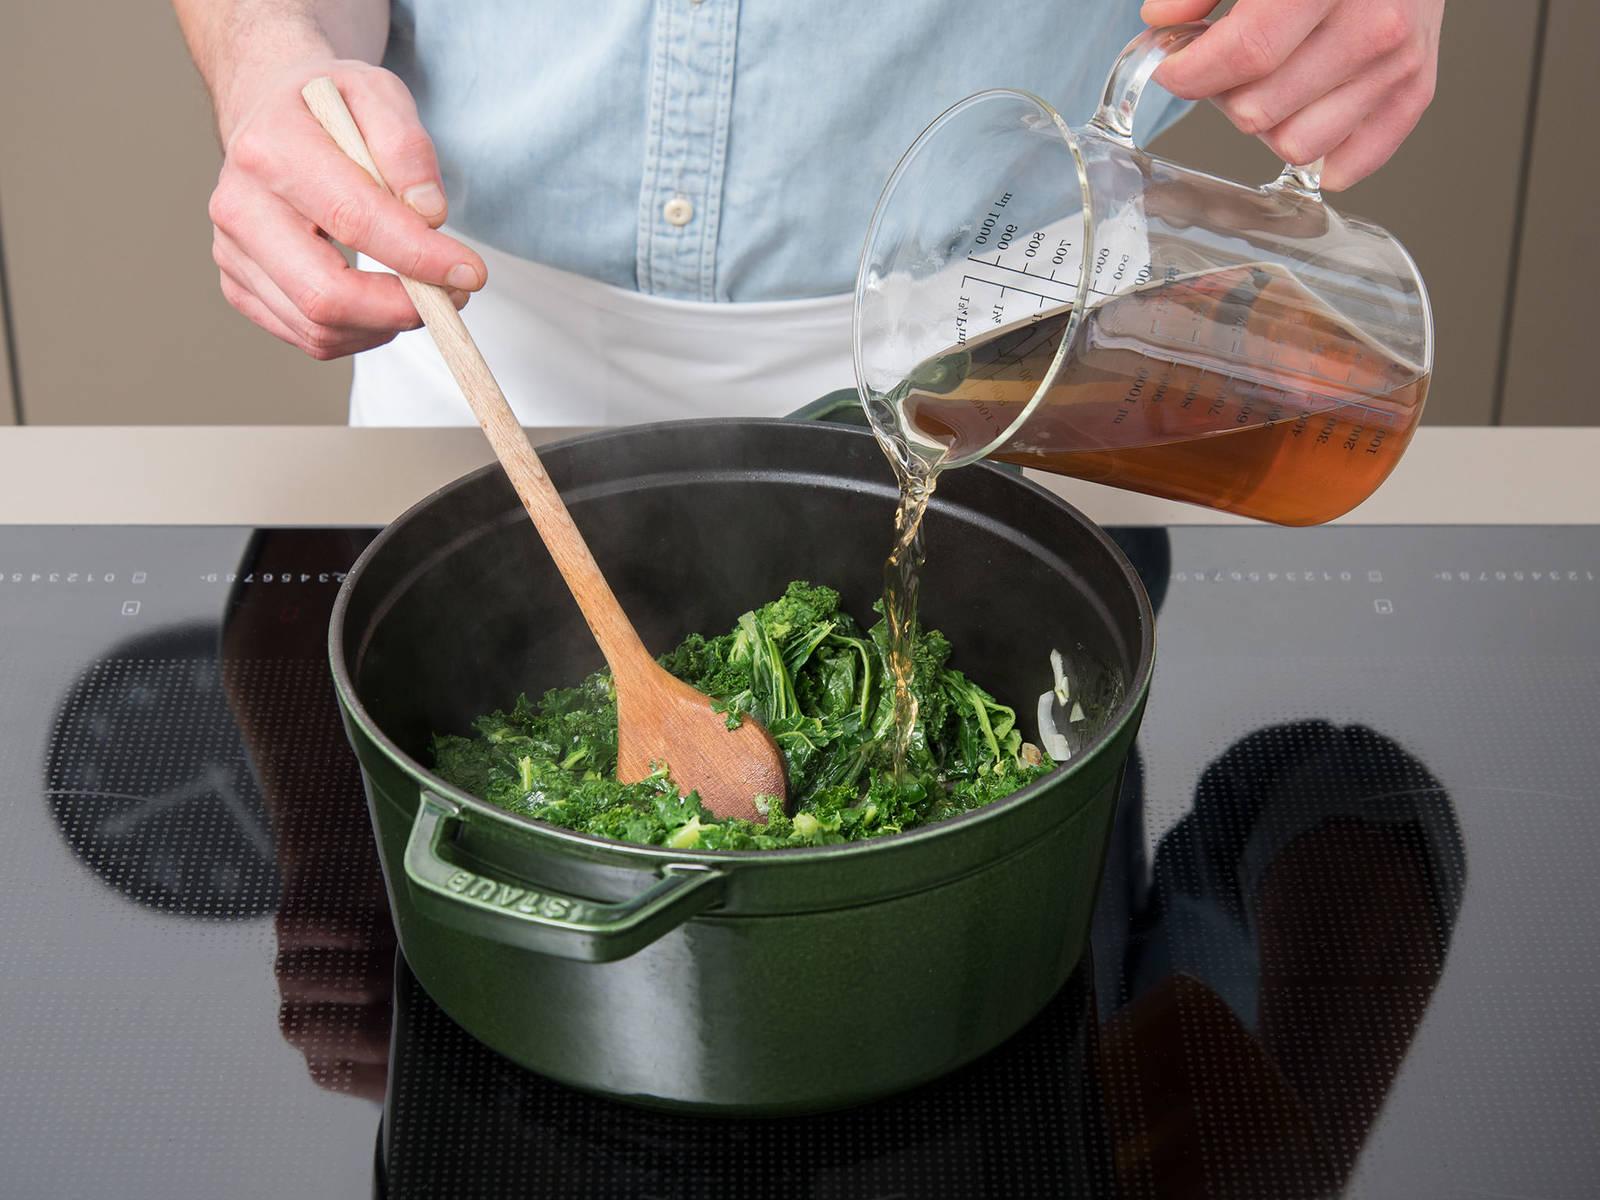 倒入剁好的羽衣甘蓝、部分蔬菜高汤和白葡萄酒。放入芥末。撒盐、胡椒和肉豆蔻调味,盖上盖子,小火煮30分钟。不时搅拌。